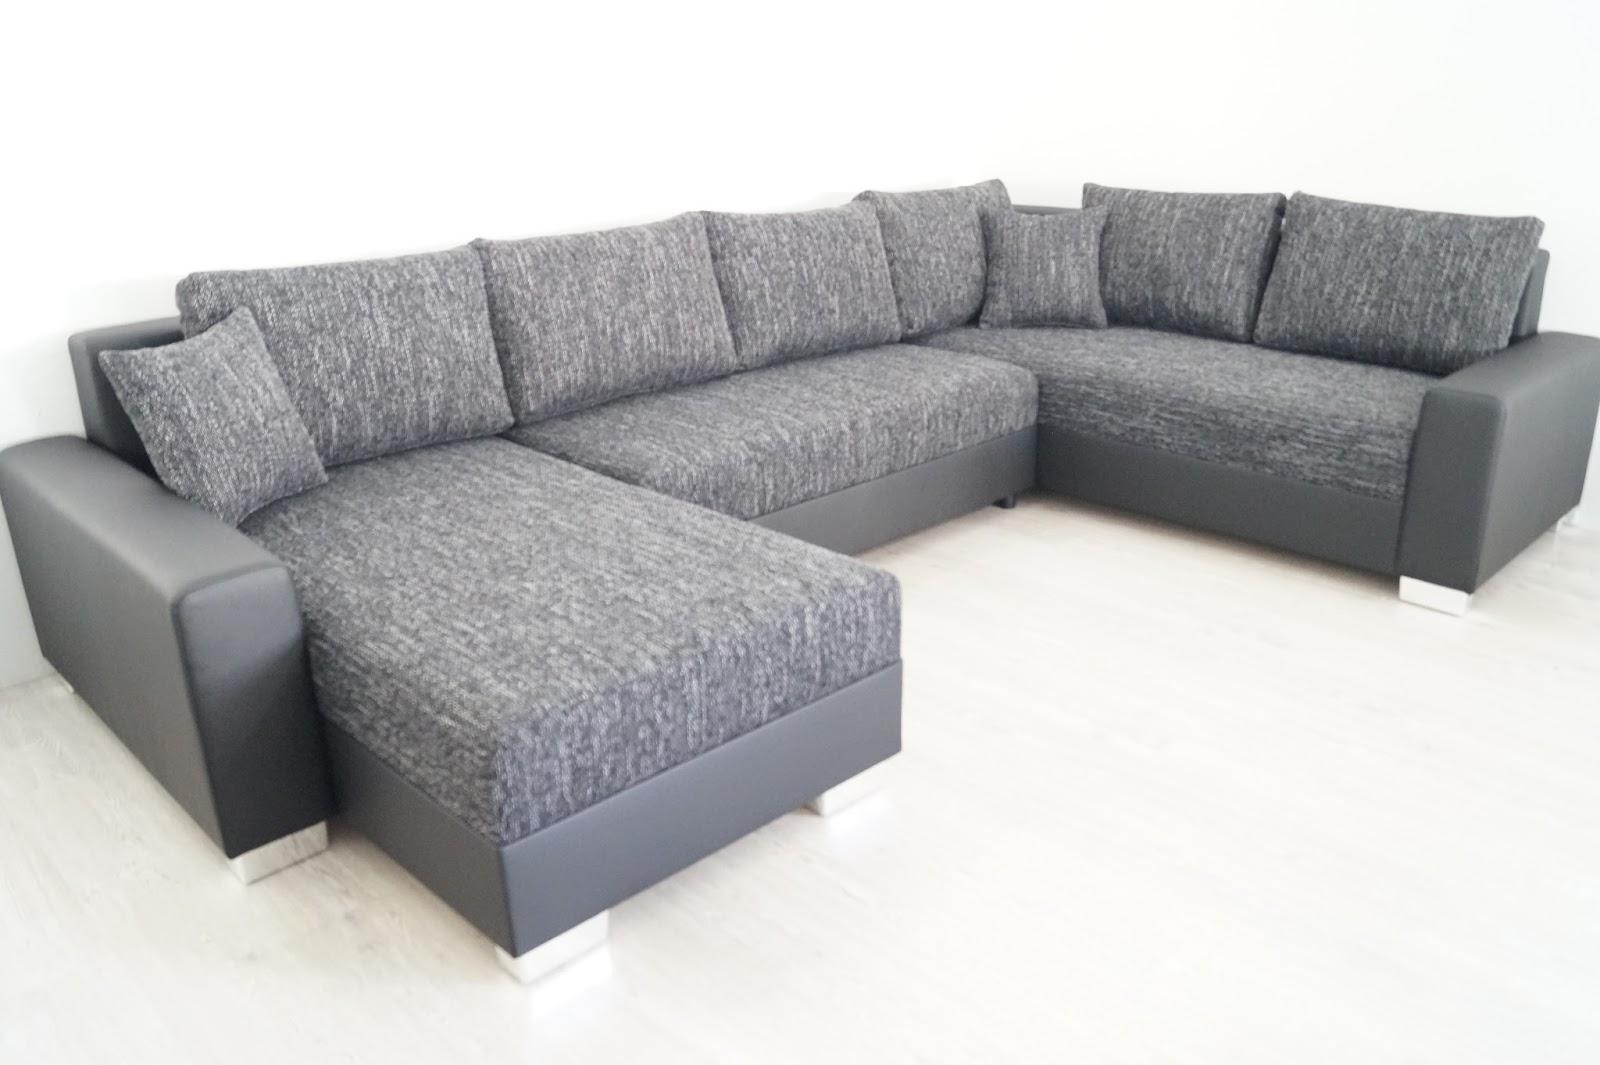 Sofa lagerverkauf sofa couch sofa g nstig for Sofa lagerverkauf